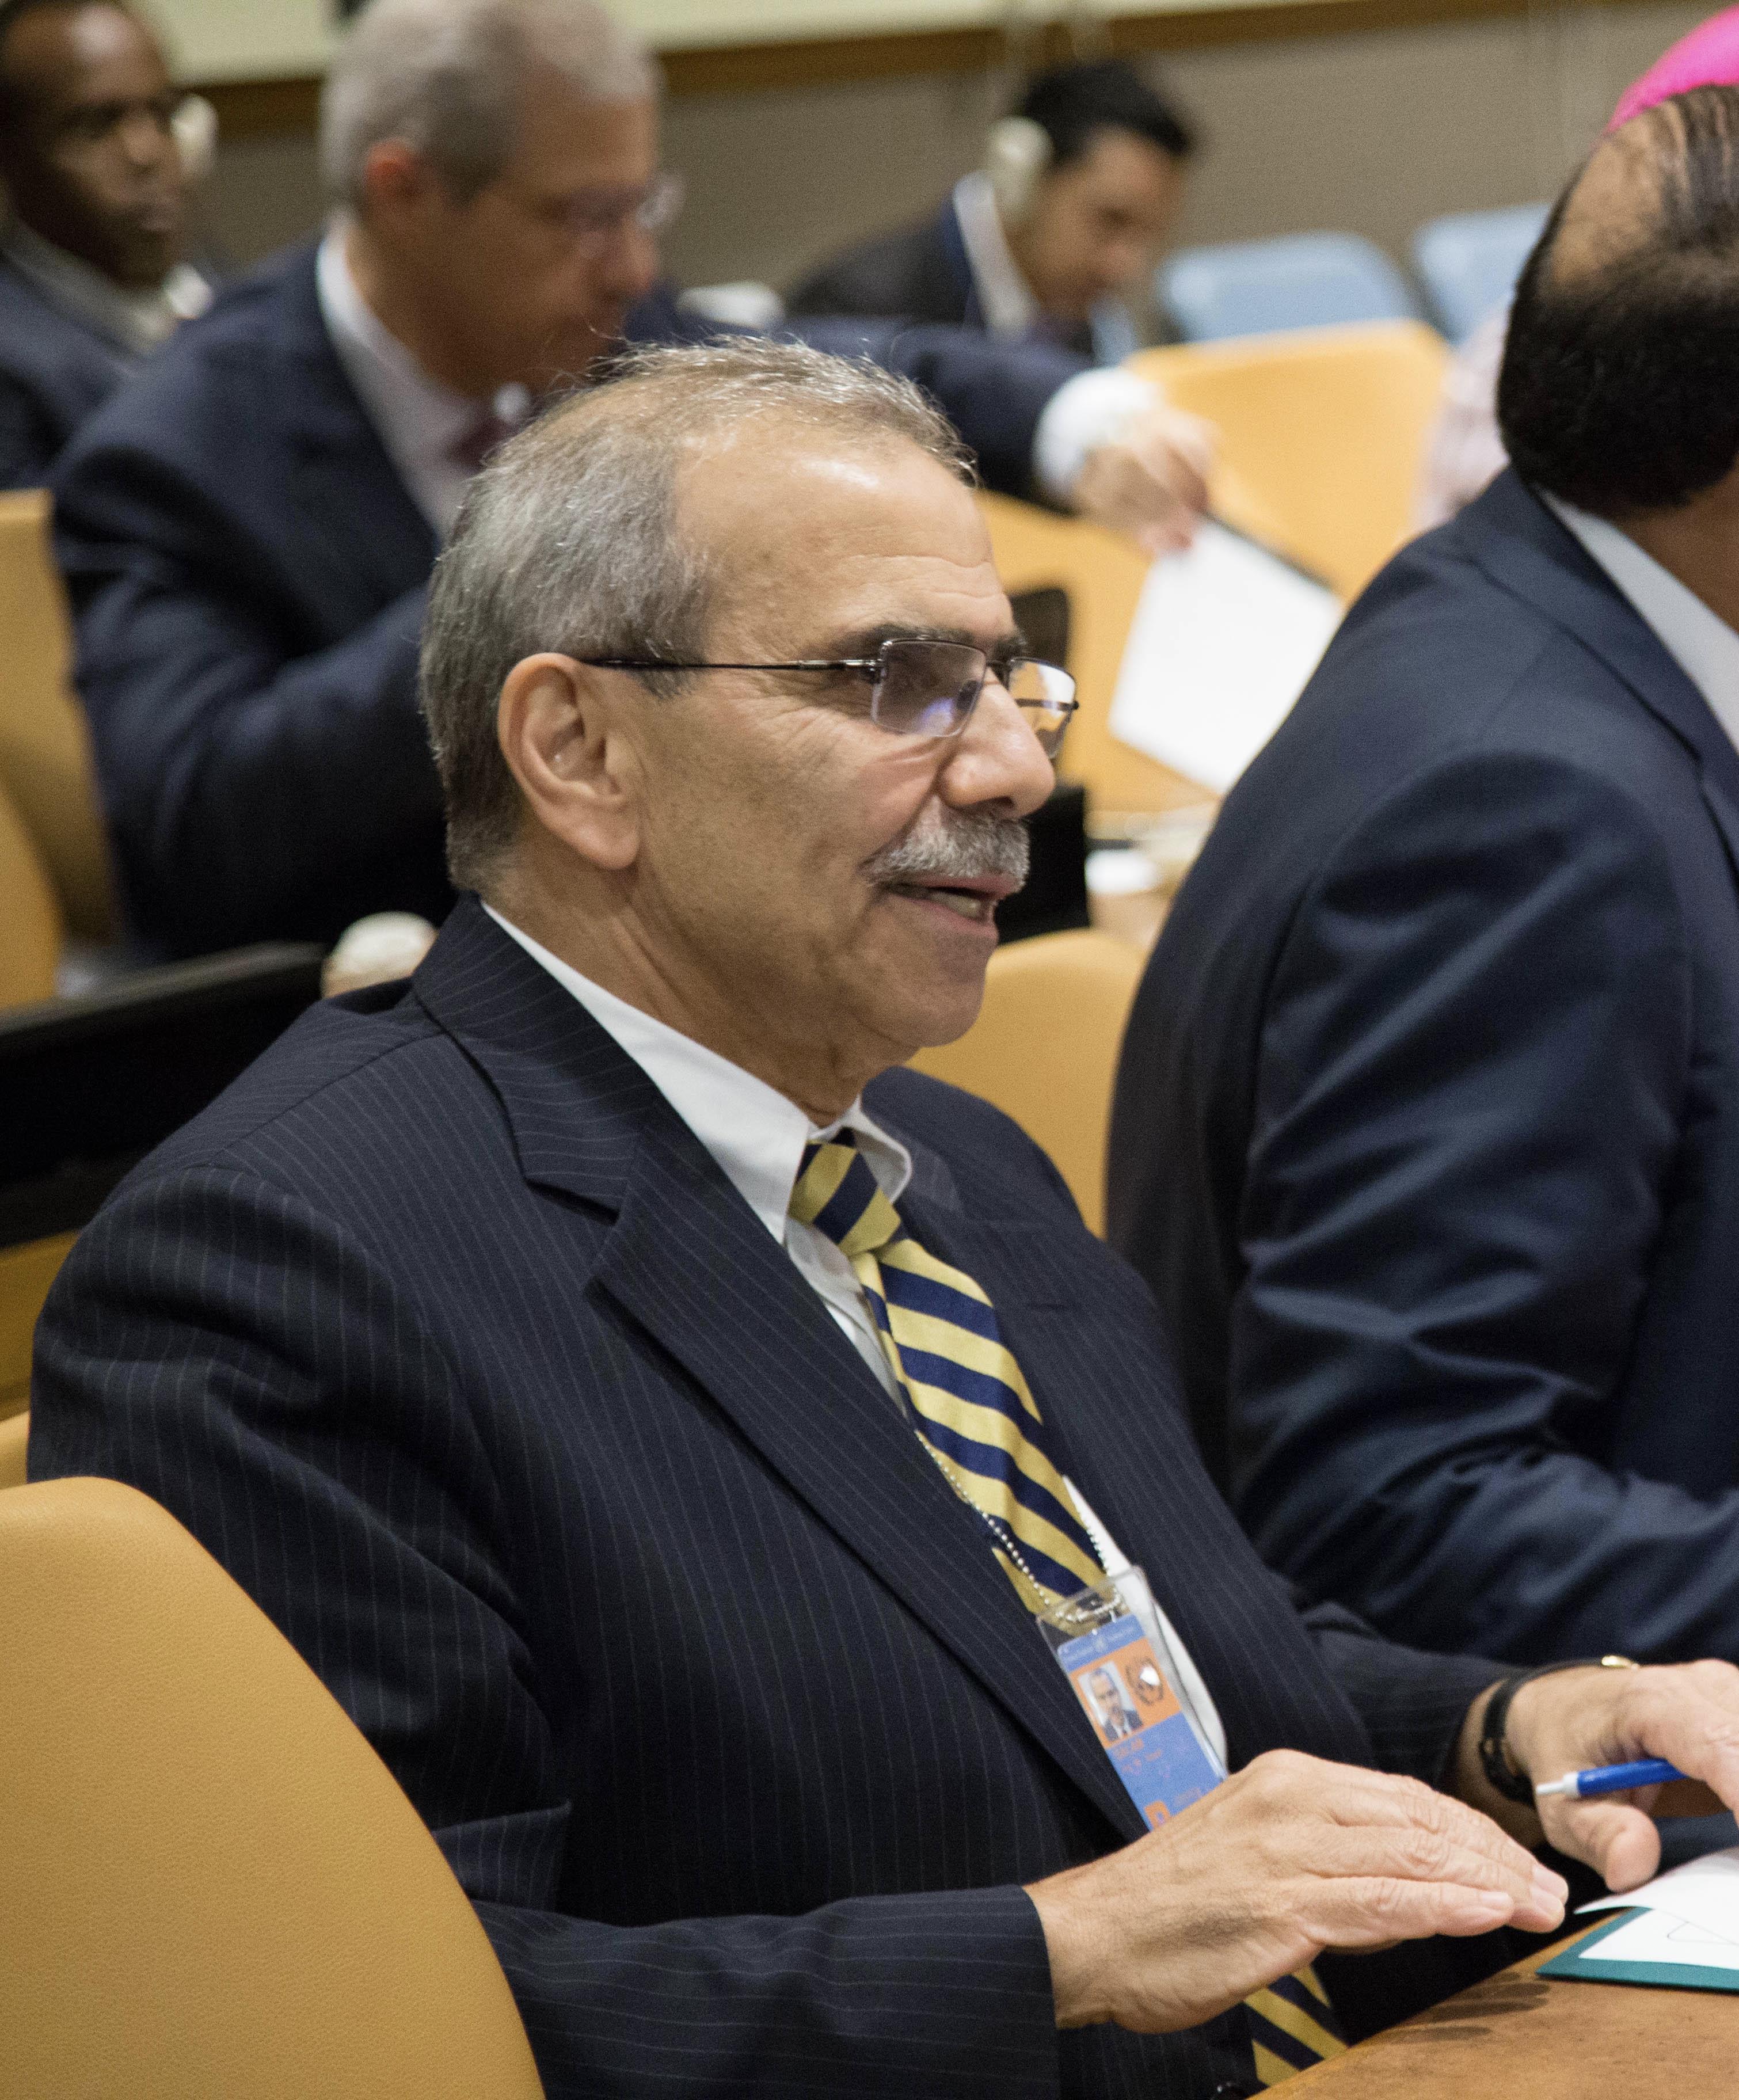 H.E. Nawaf Salam